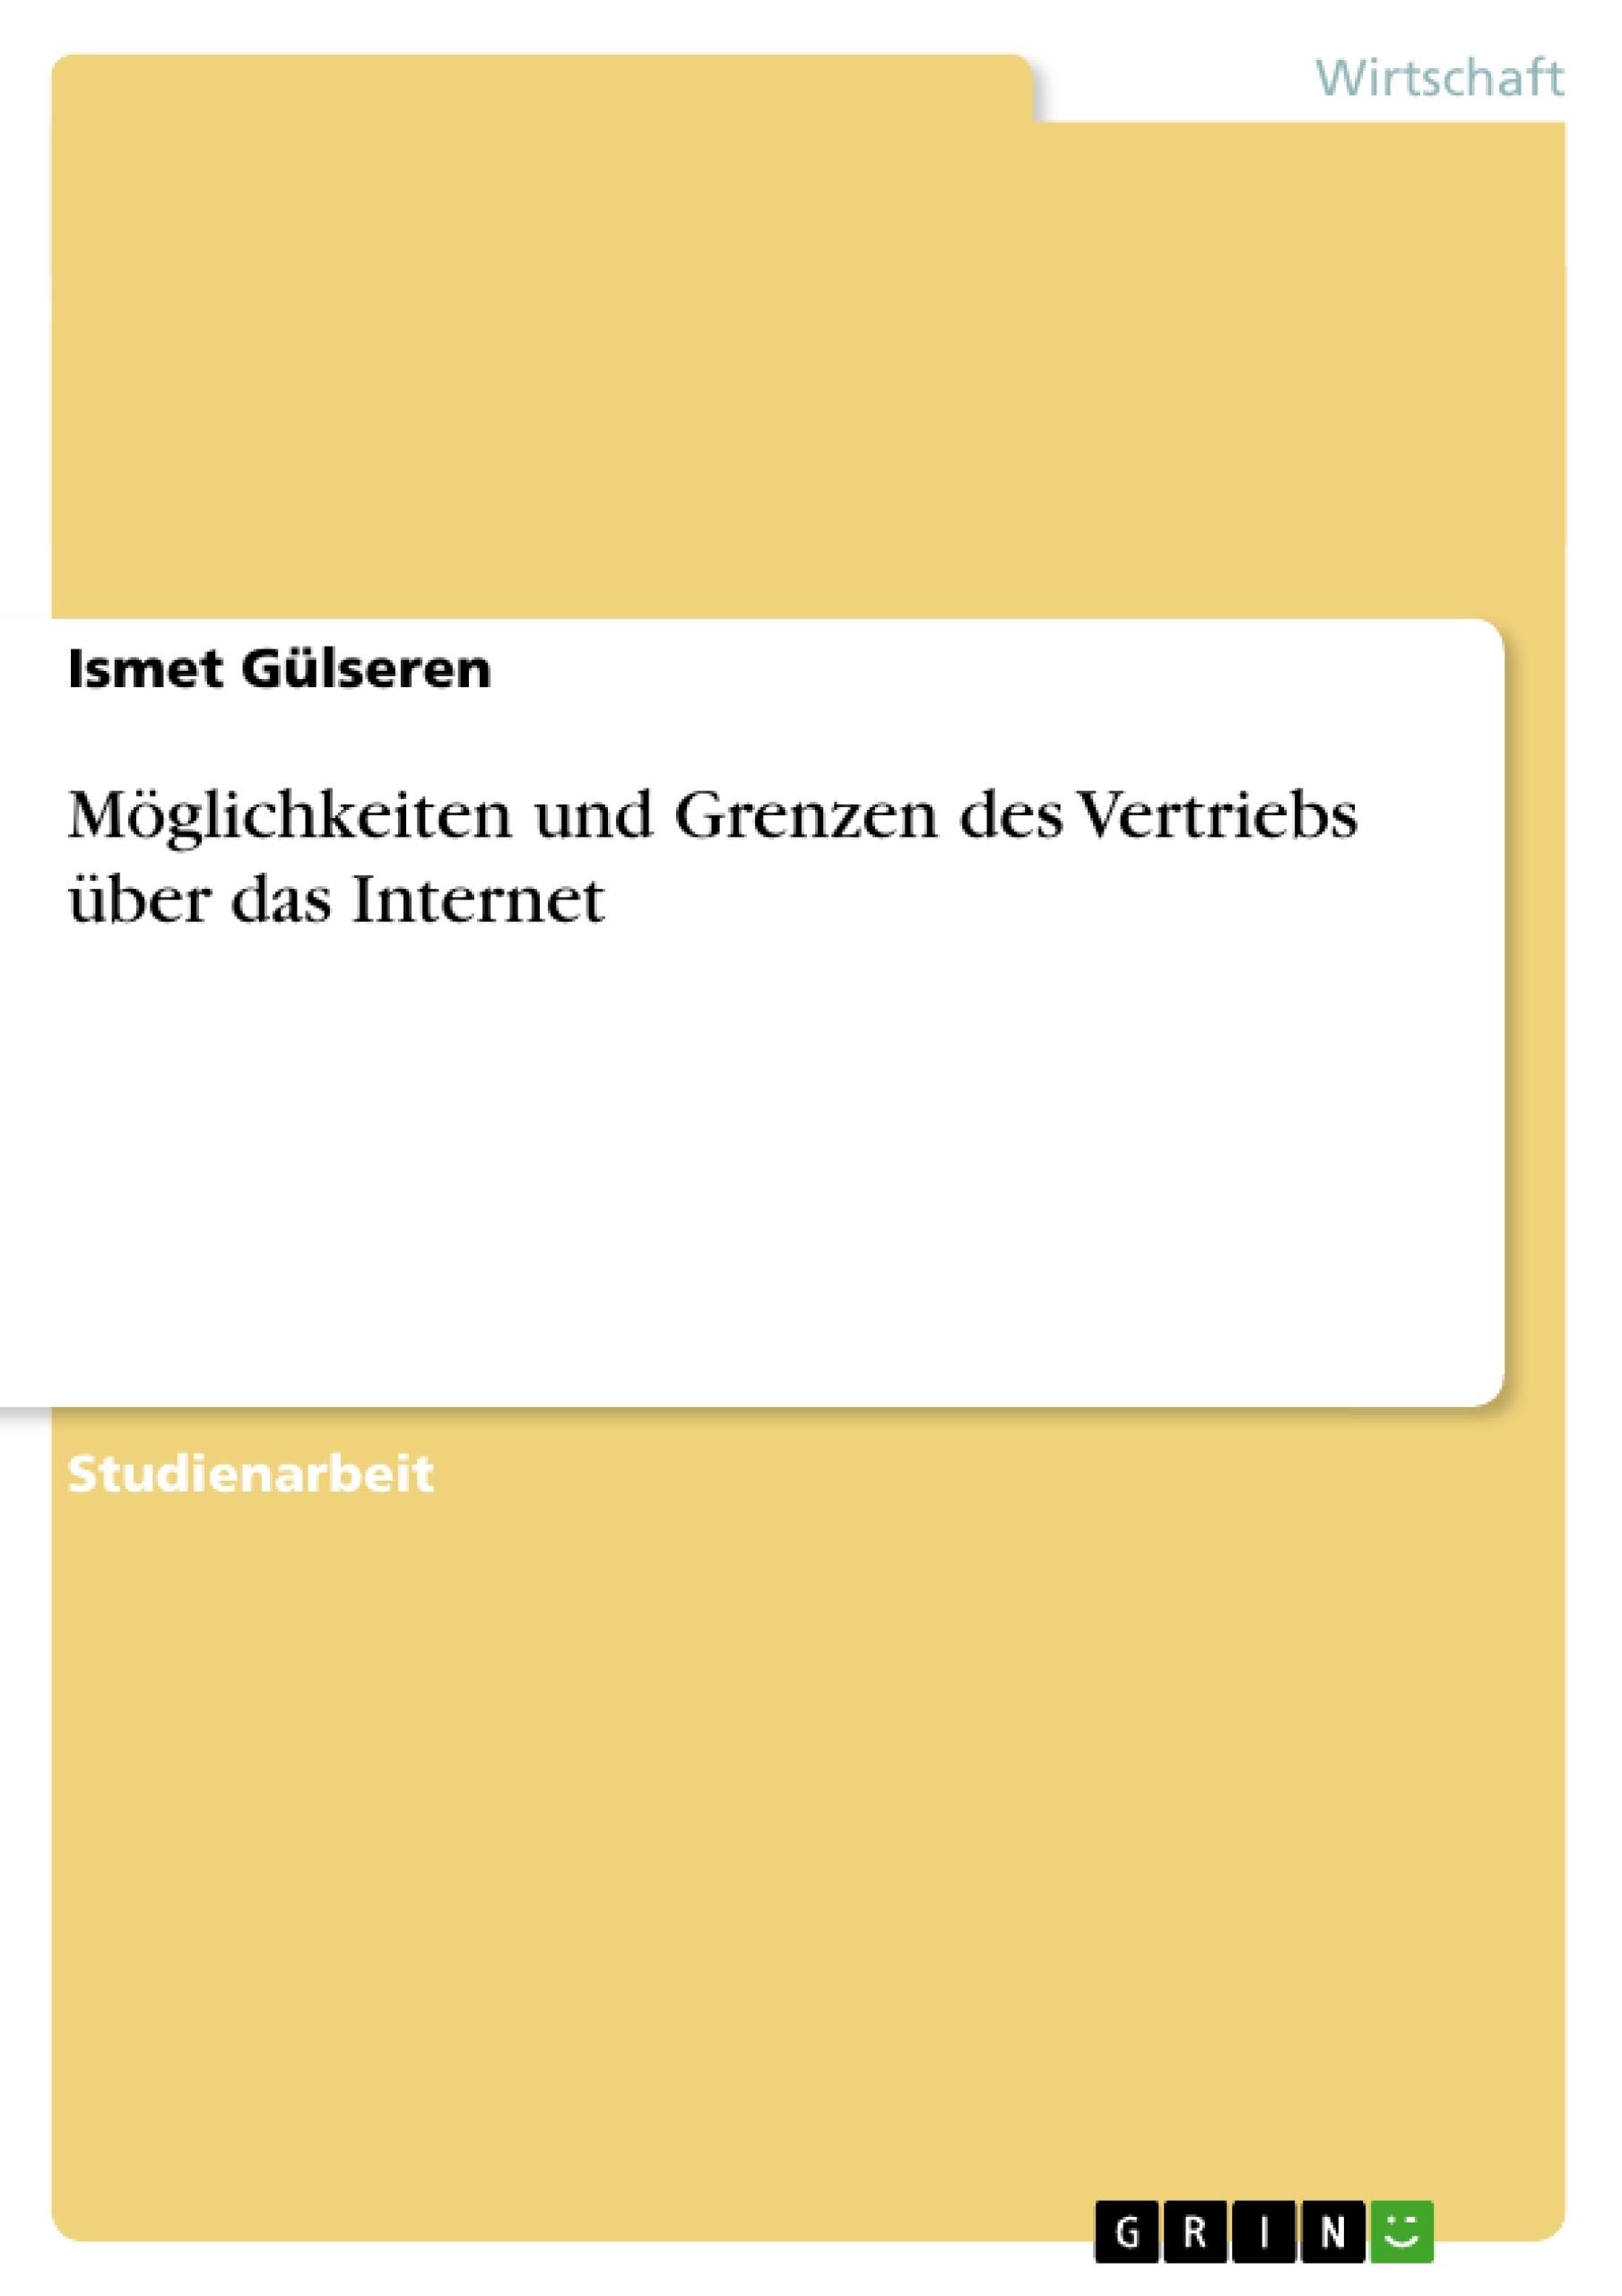 Titel: Möglichkeiten und Grenzen des Vertriebs über das Internet